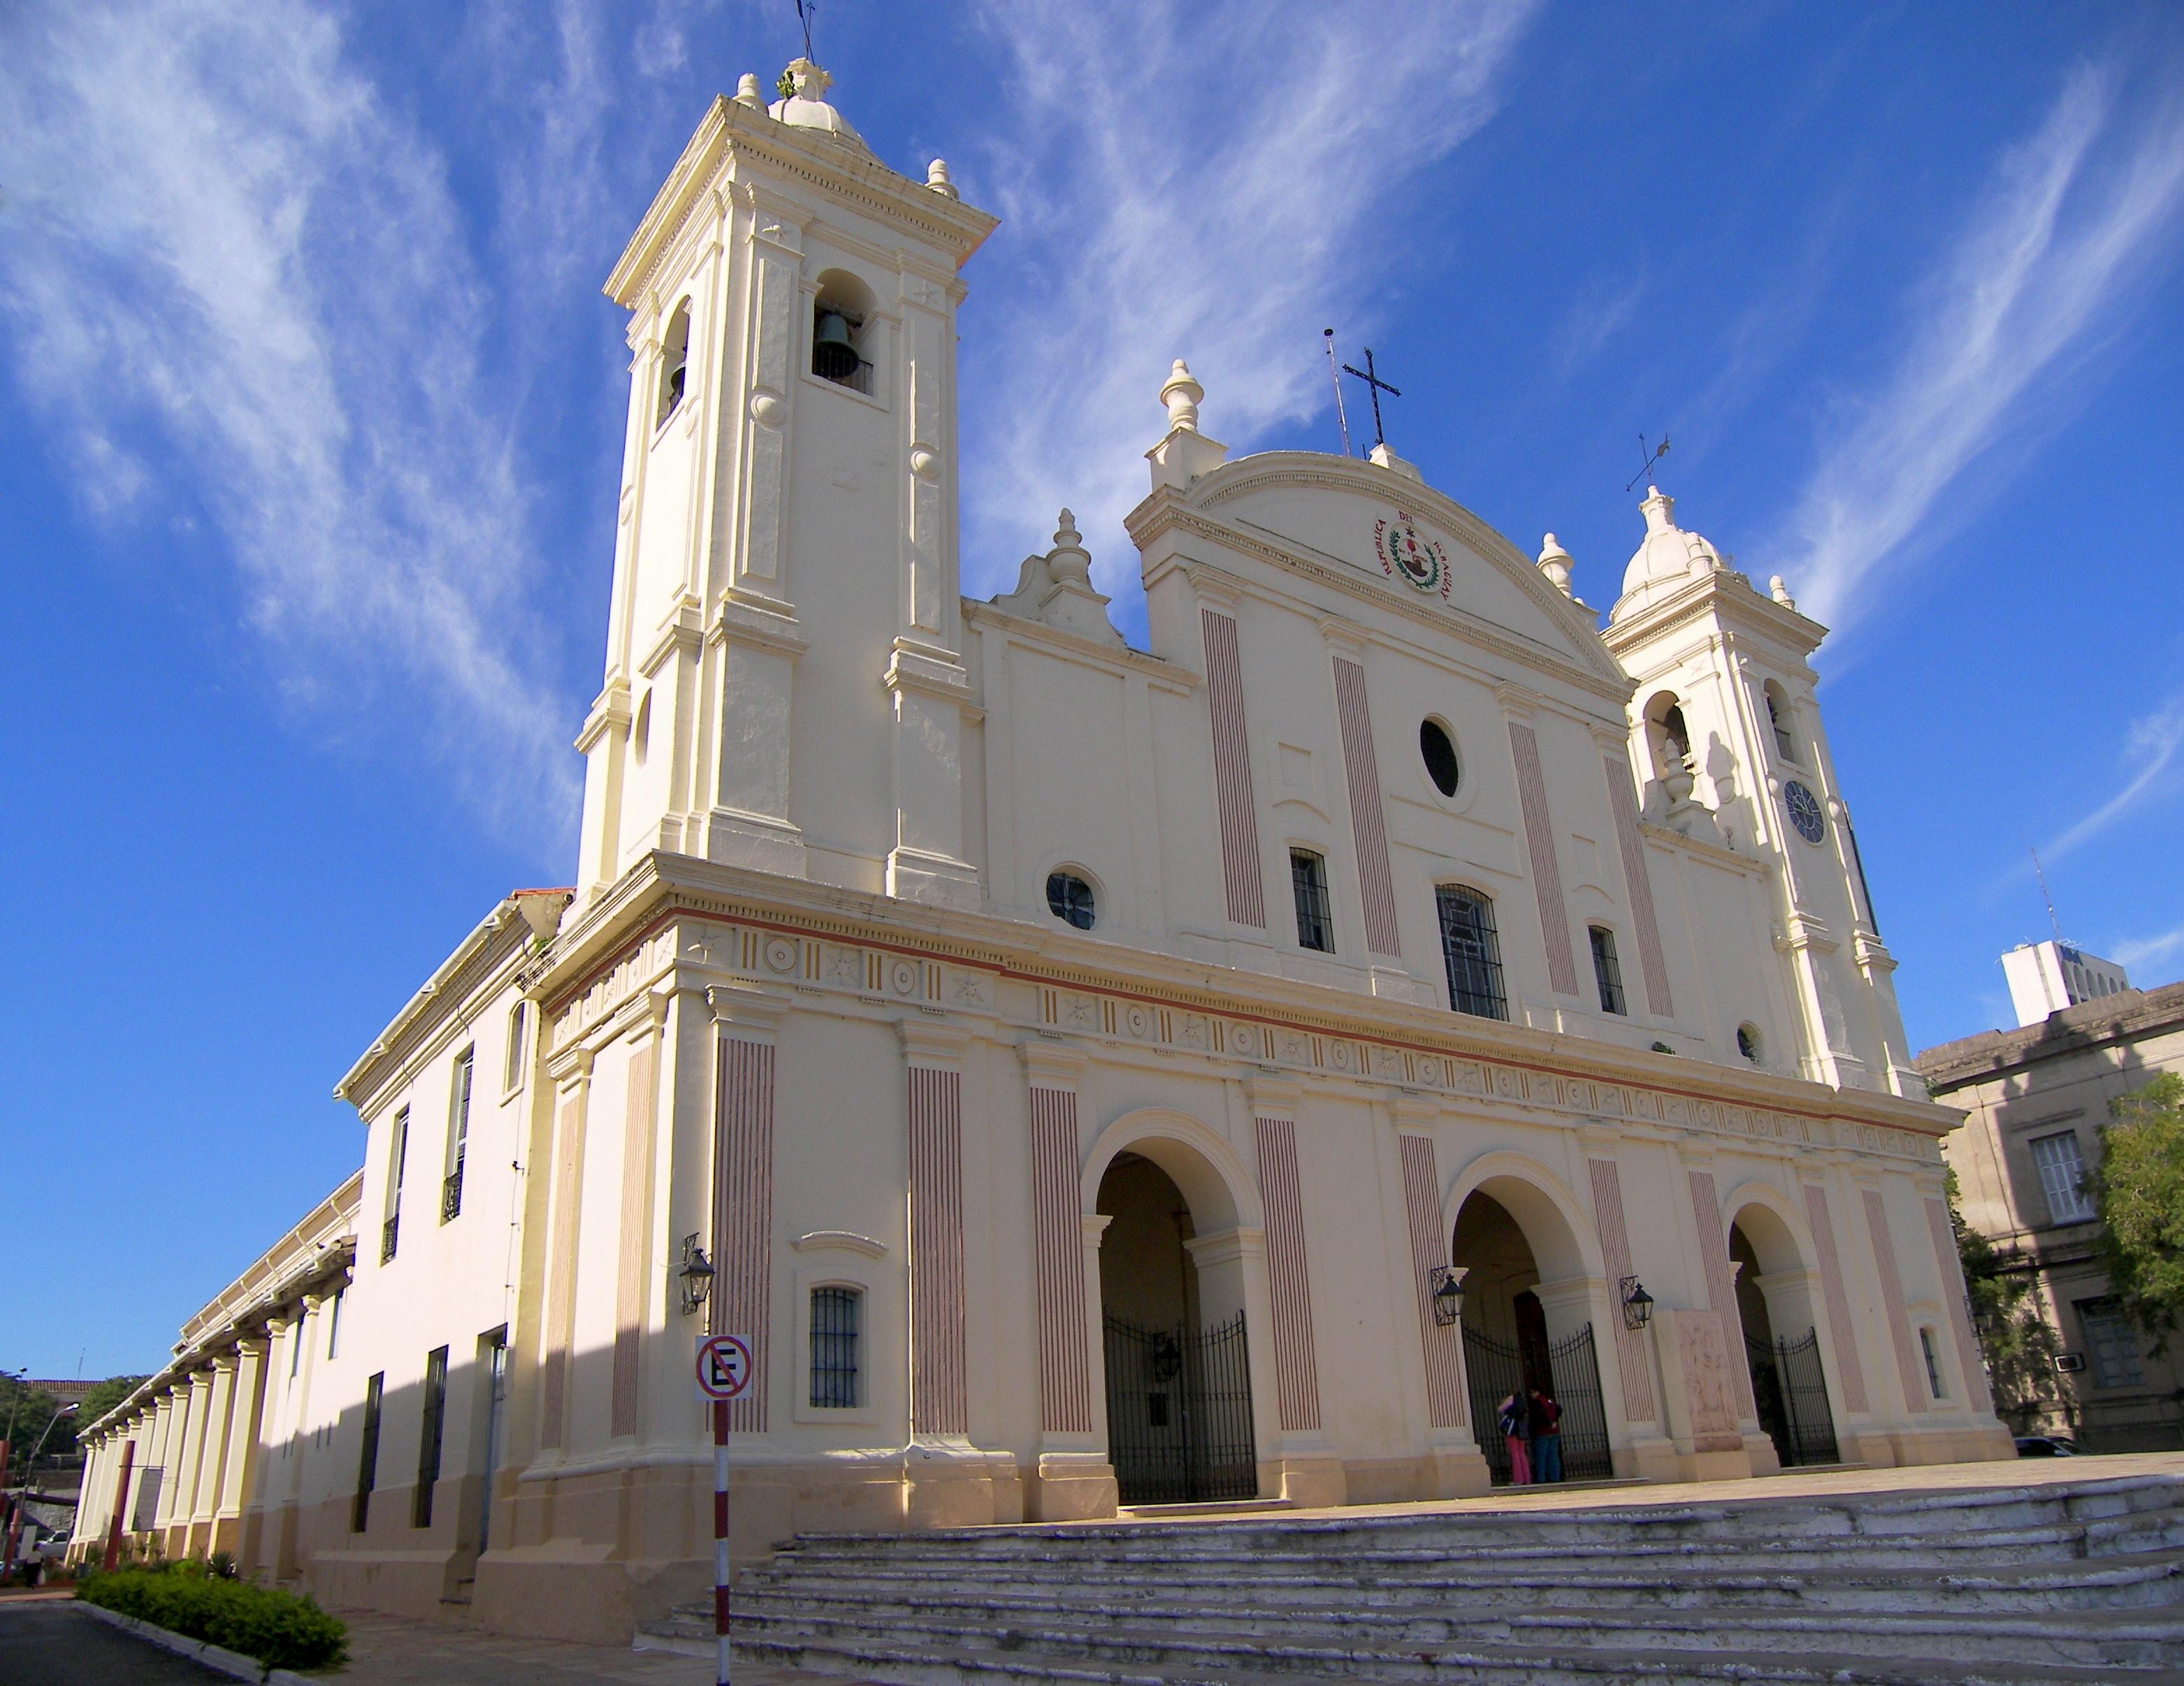 File:Catedral de Asunción Paraguay.jpg - Wikimedia Commons